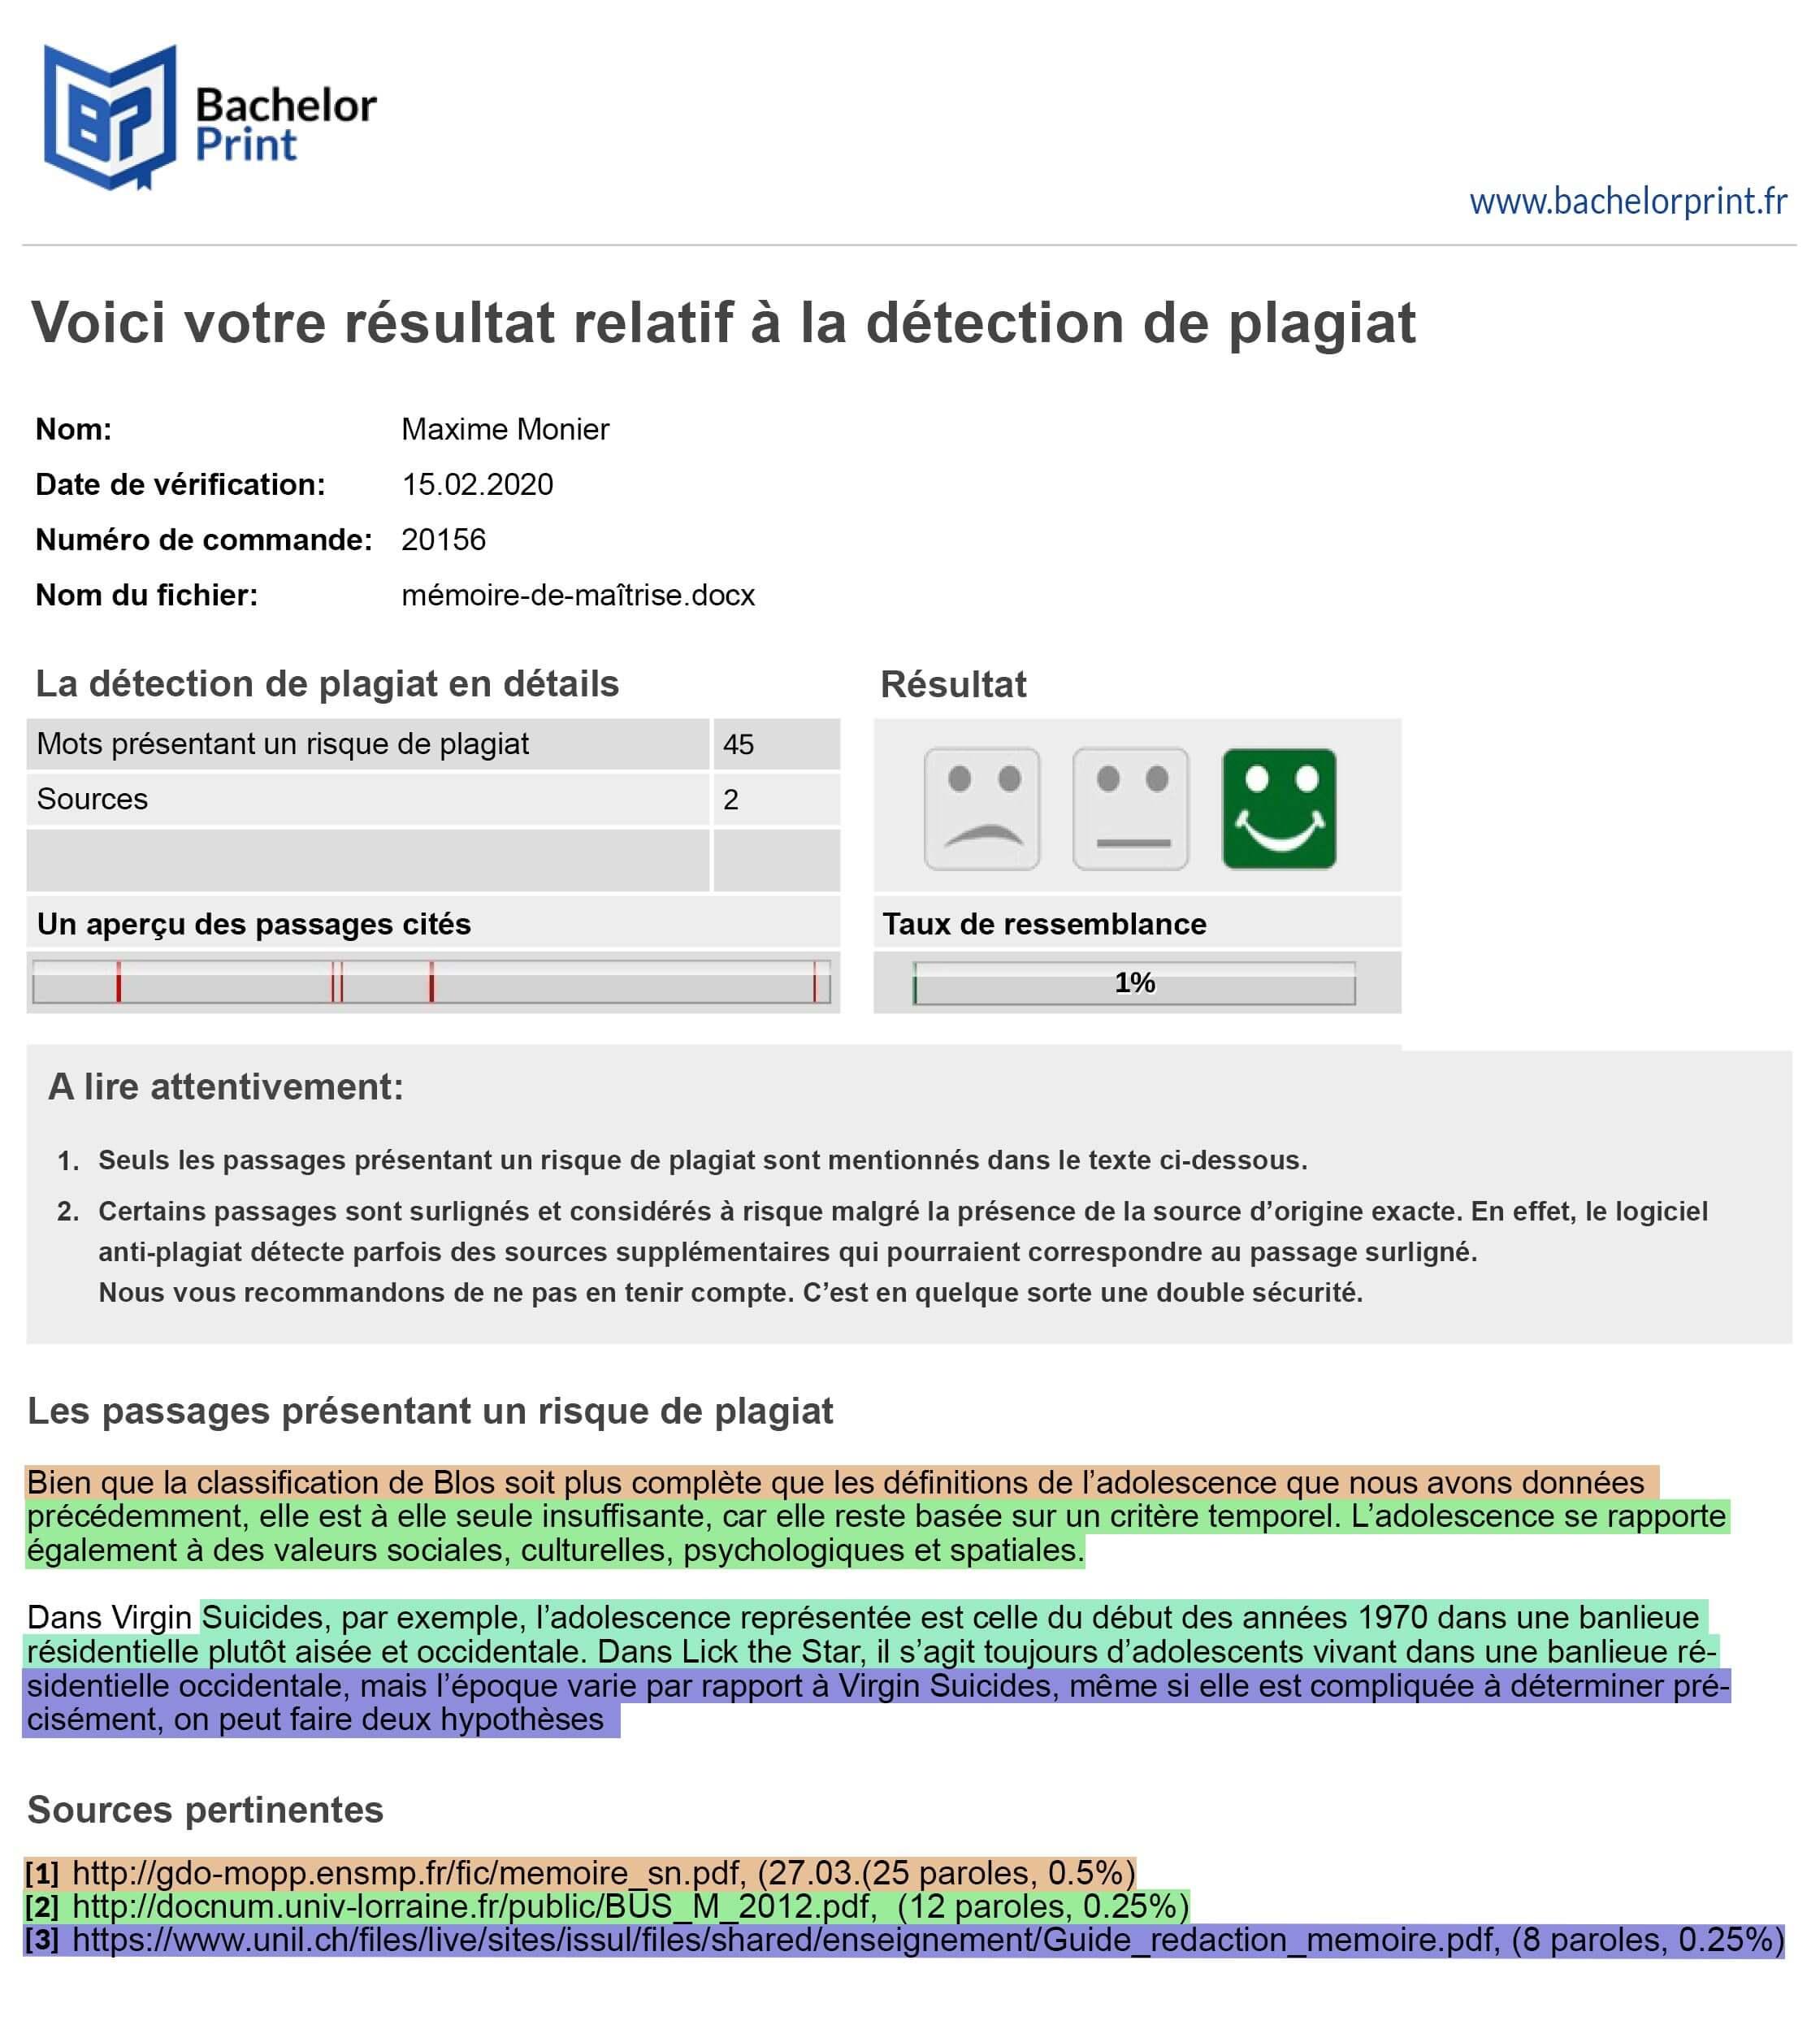 Exemple Mise à disposition d'un rapport récapitulatif suite à l'utilisation du Plagiat Detecteur